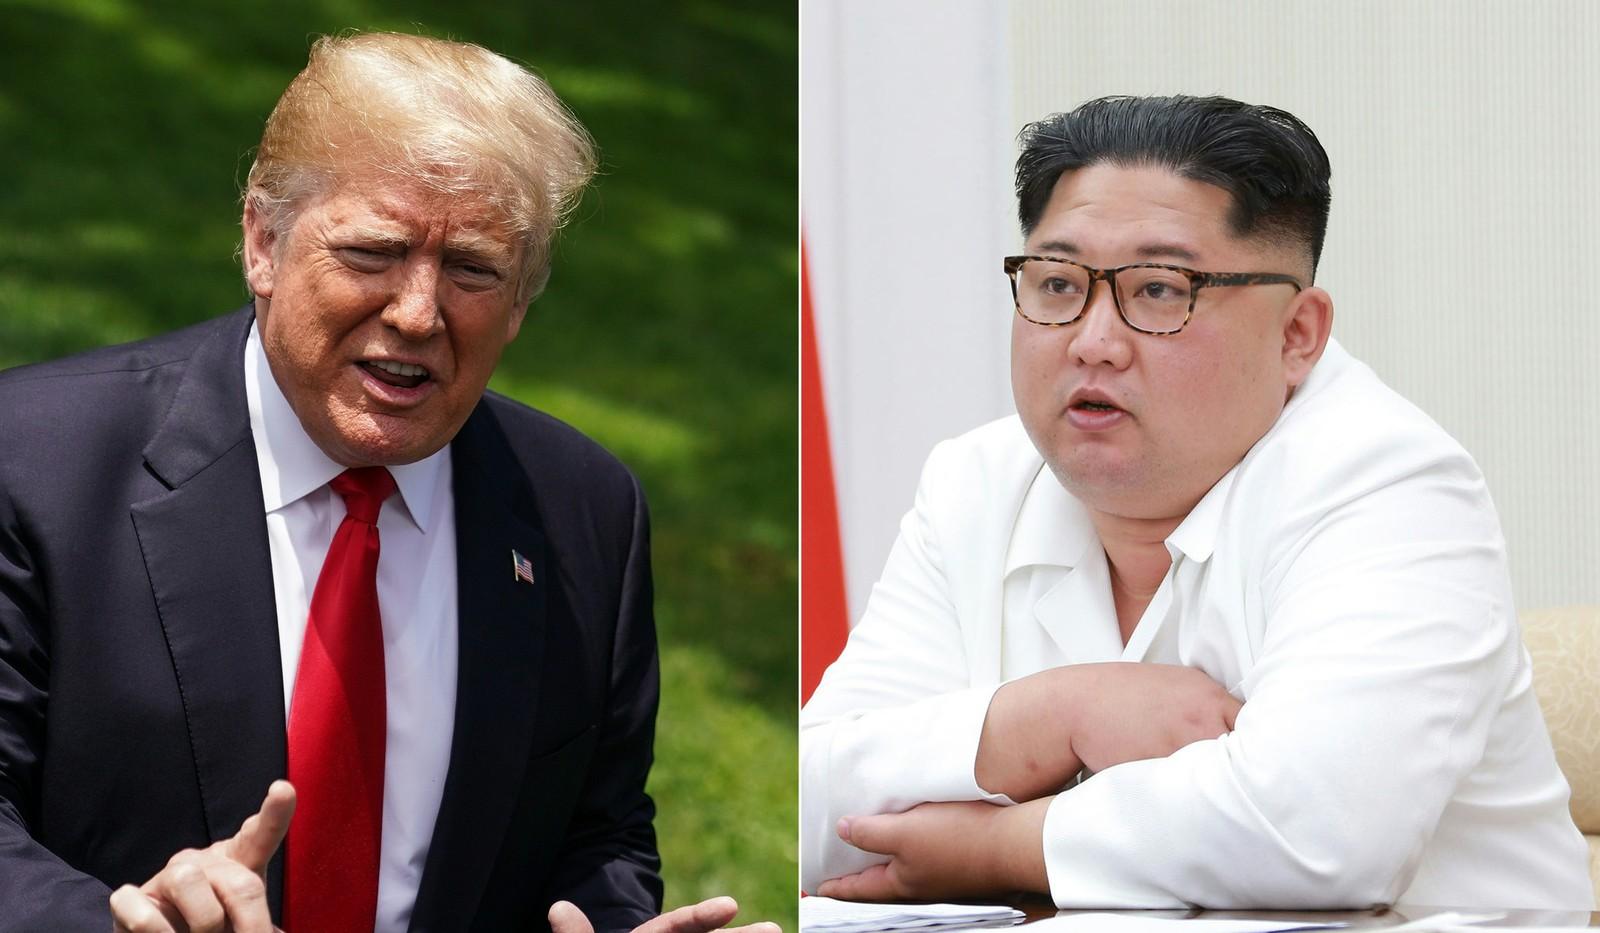 Combinação de fotos mostra presidente americano Donald Trump e o líder norte-coreano Kim Jong-un (Foto: Mandel Ngan/AFP/ KCNA via KNS)